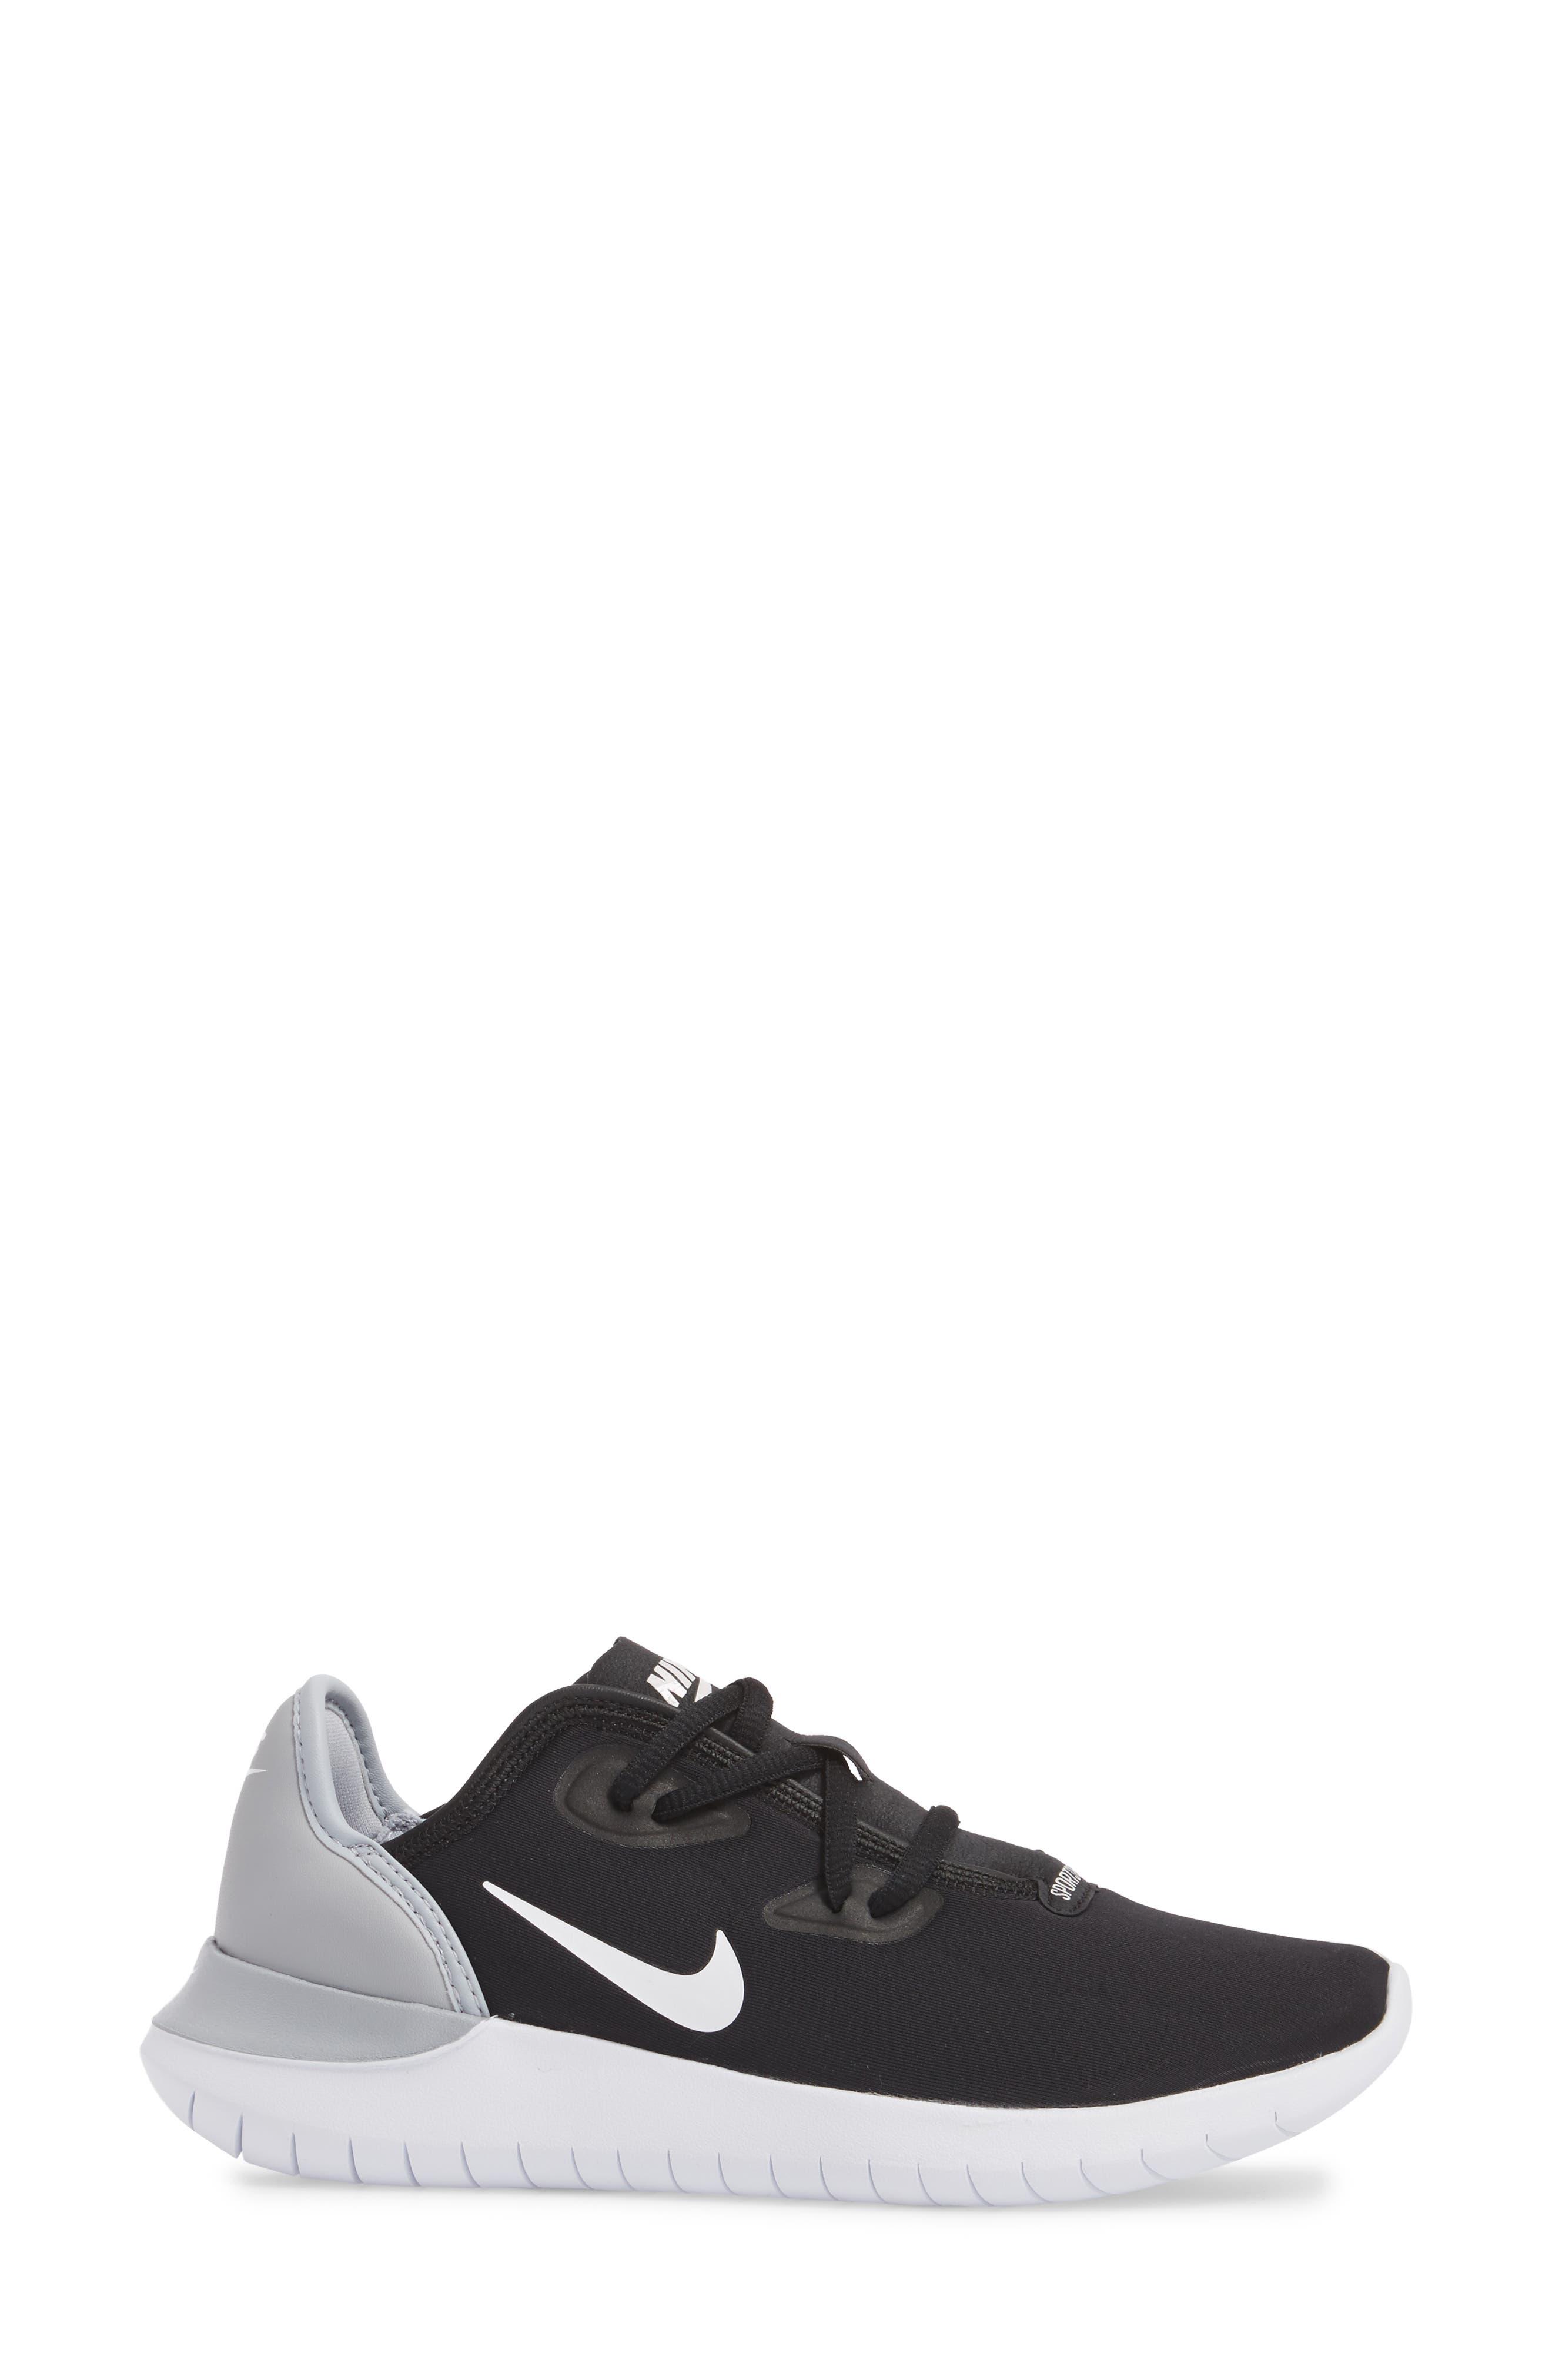 Hakata Sneaker,                             Alternate thumbnail 3, color,                             BLACK/ WHITE